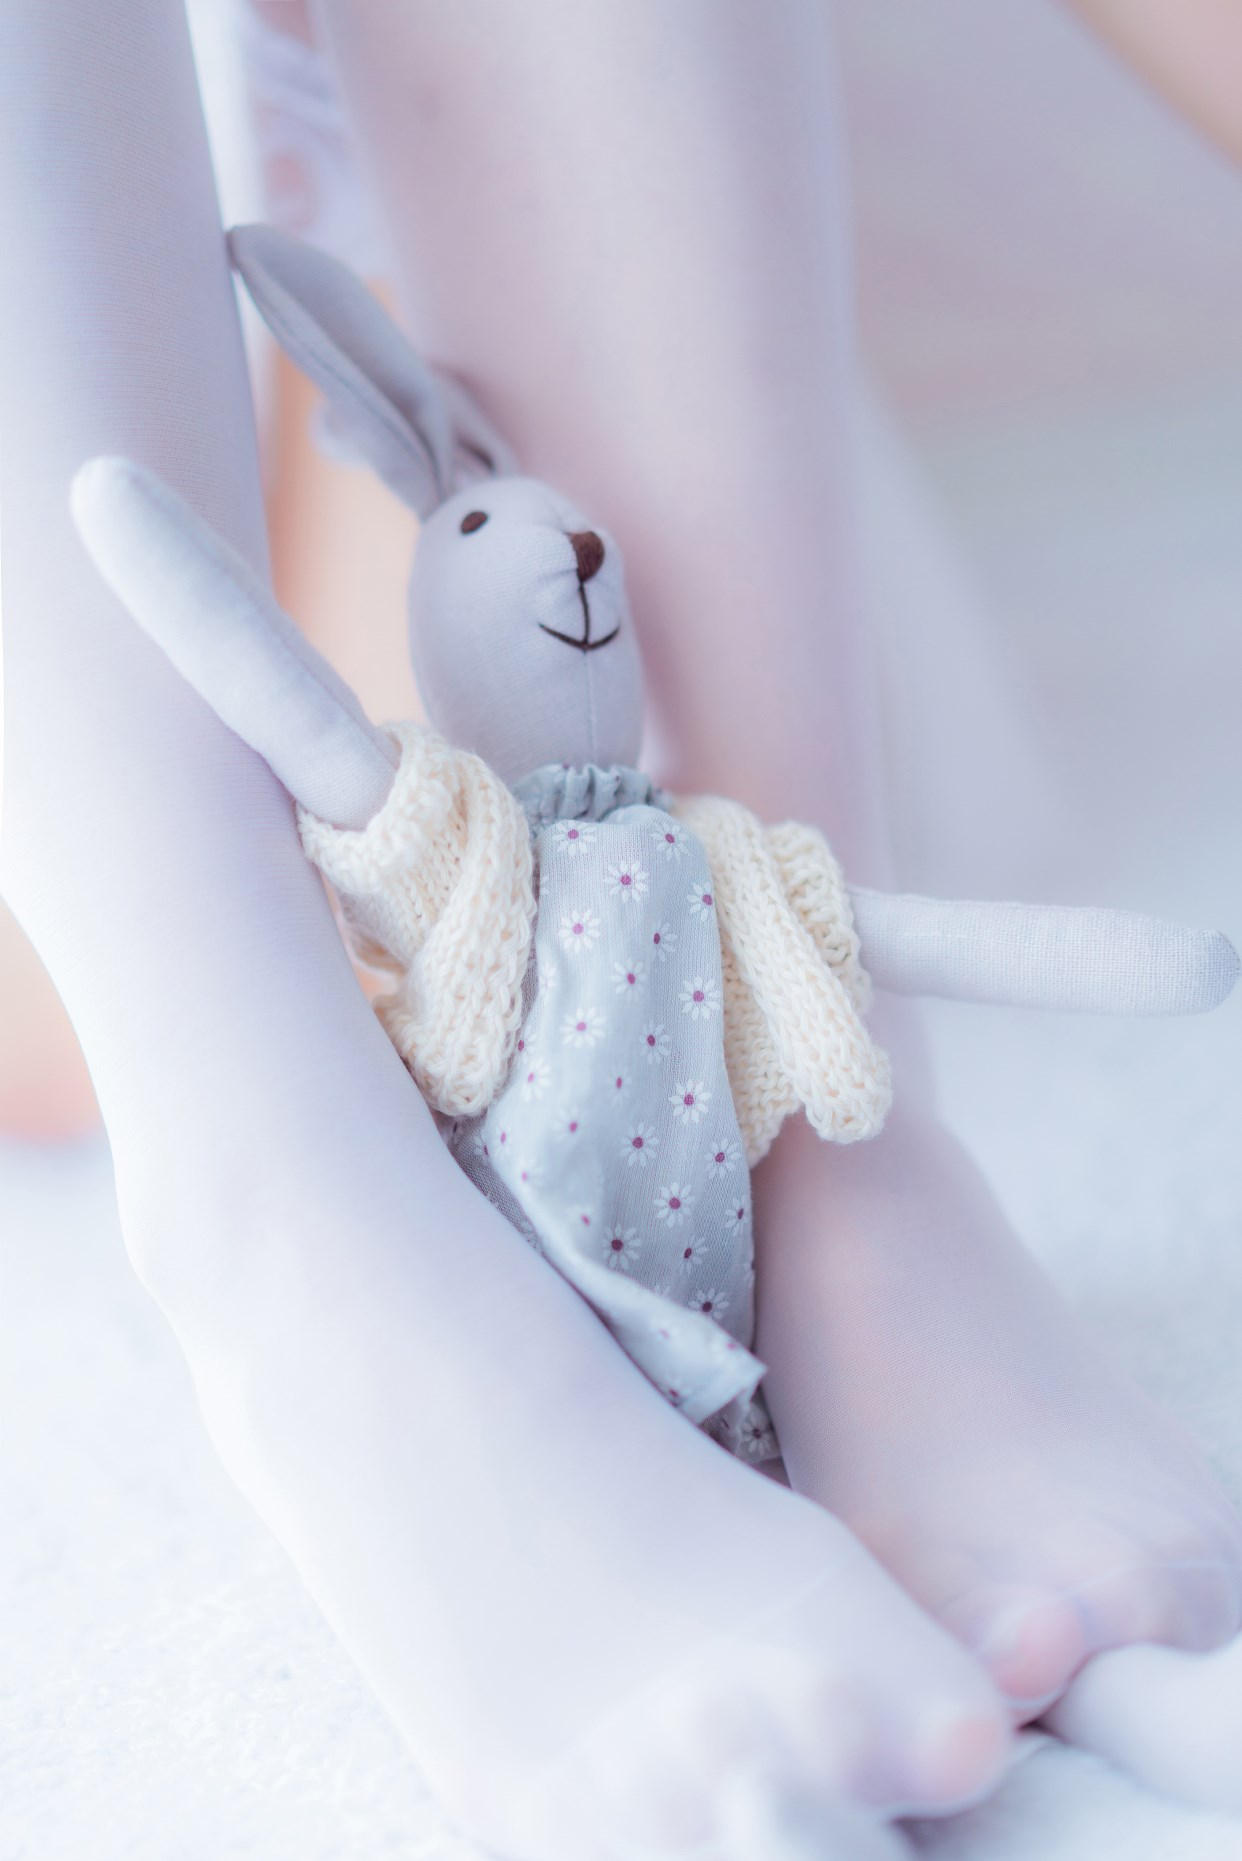 【兔玩映画】vol.12-吊带睡衣 兔玩映画 第38张